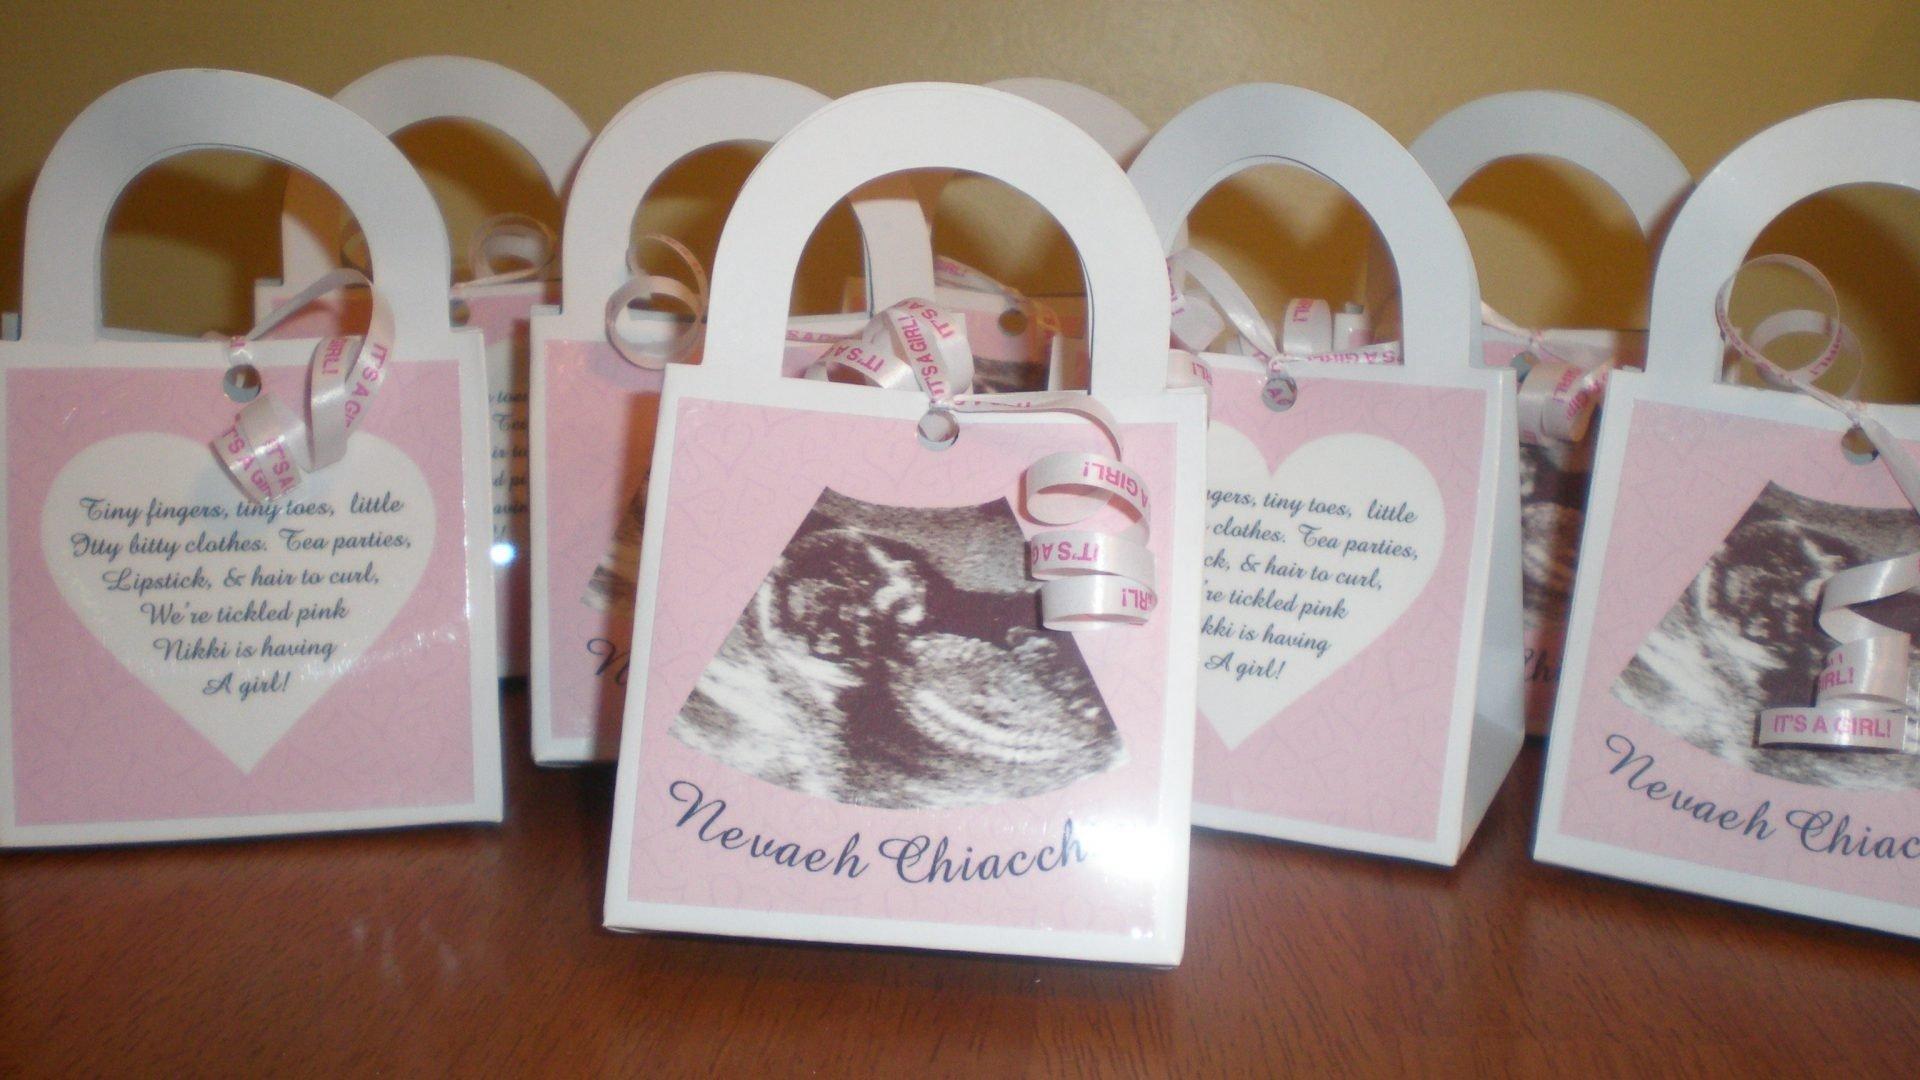 10 Elegant Baby Shower Gift Bag Ideas homemade baby showerift bag ideas foruests pinterest bags uk favors 2021